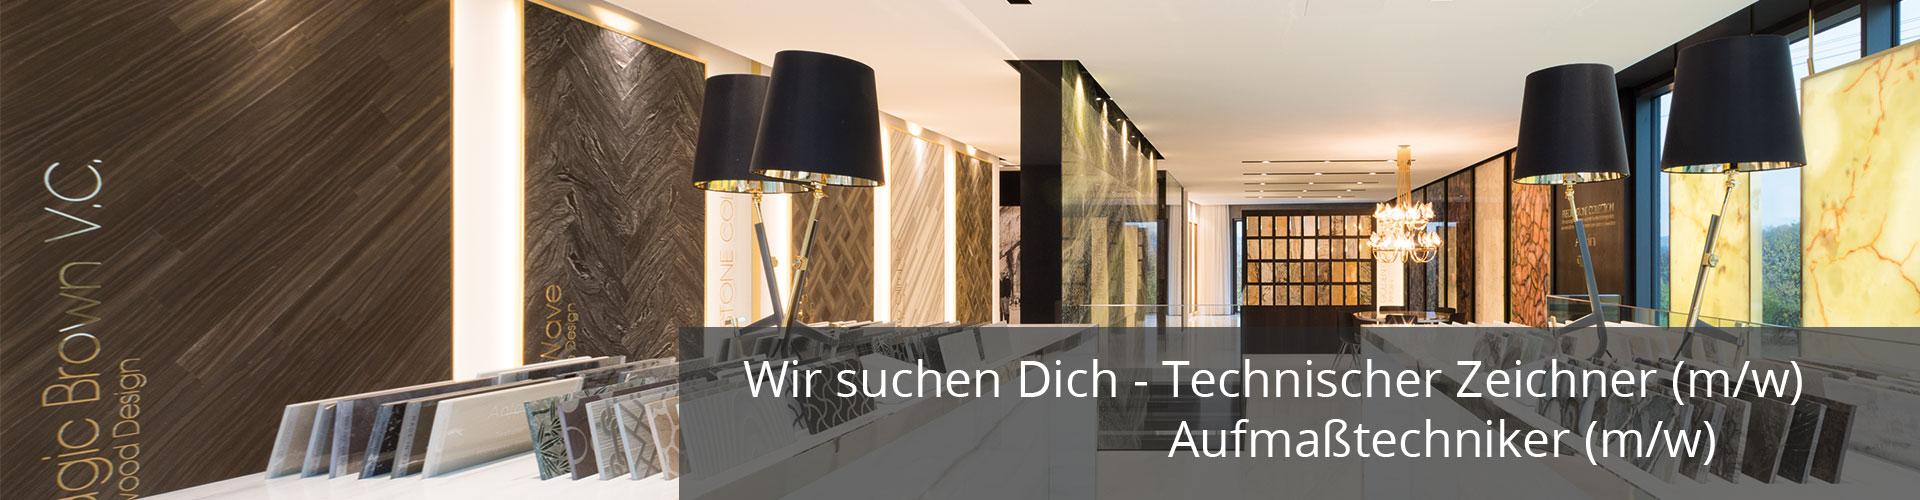 technischer_zeichner_aufmasstechniker